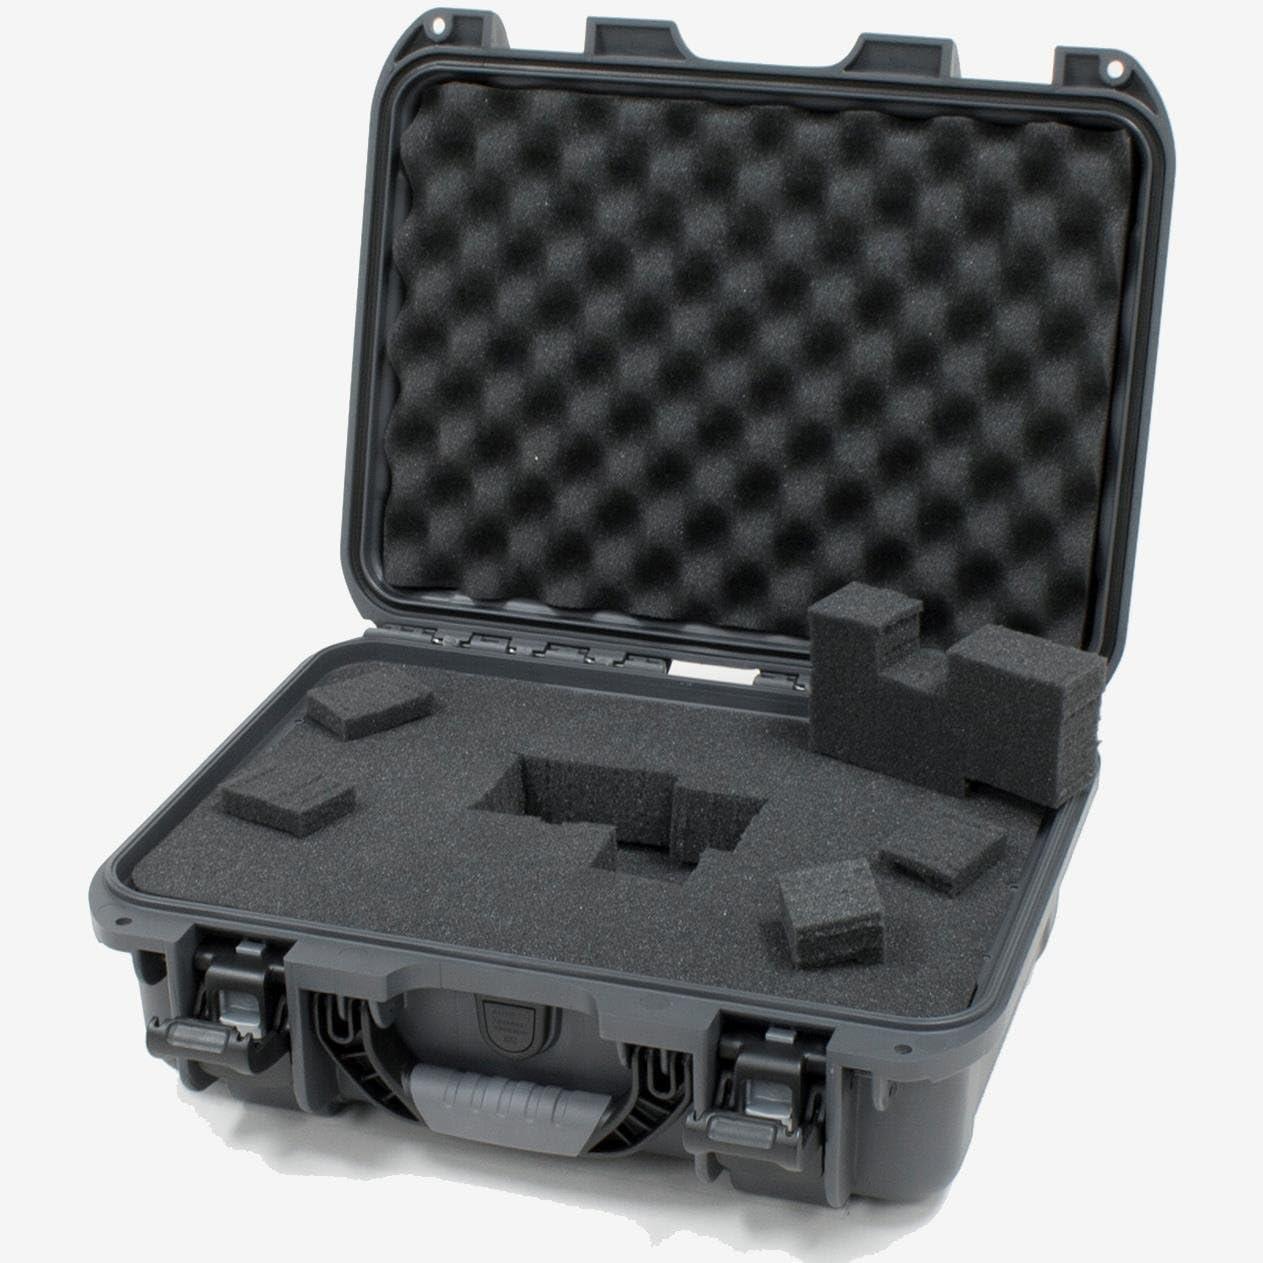 Nanuk 920 Waterproof Hard Case with Foam Insert - Graphite